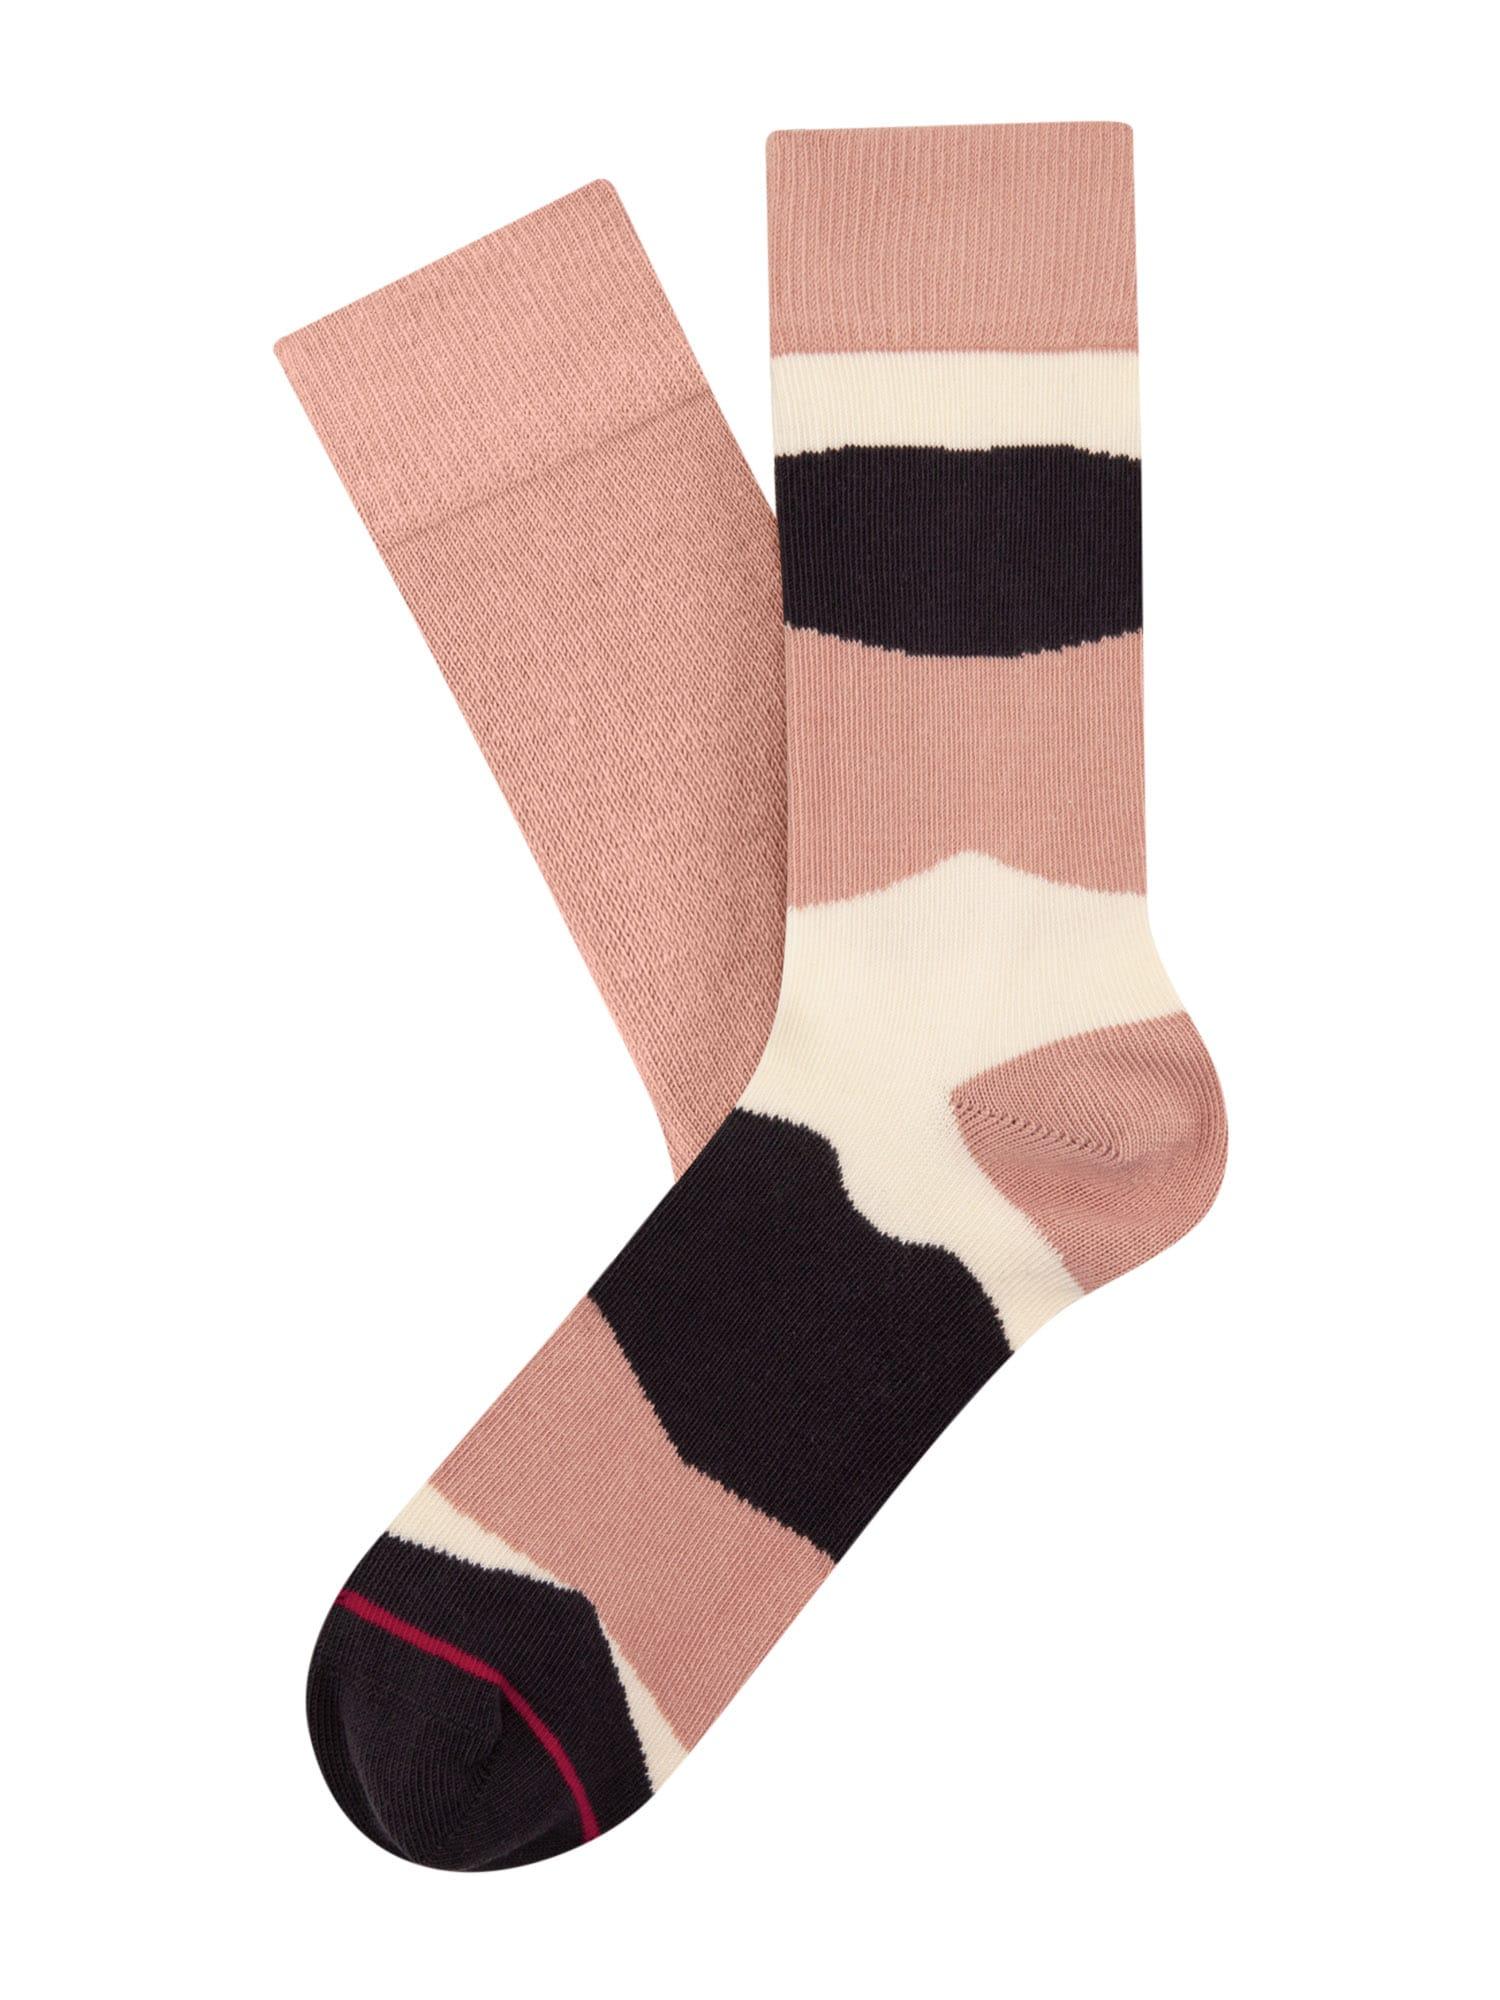 Cheerio Kojinės ryškiai rožinė spalva / balta / juoda / purpurinė spalva